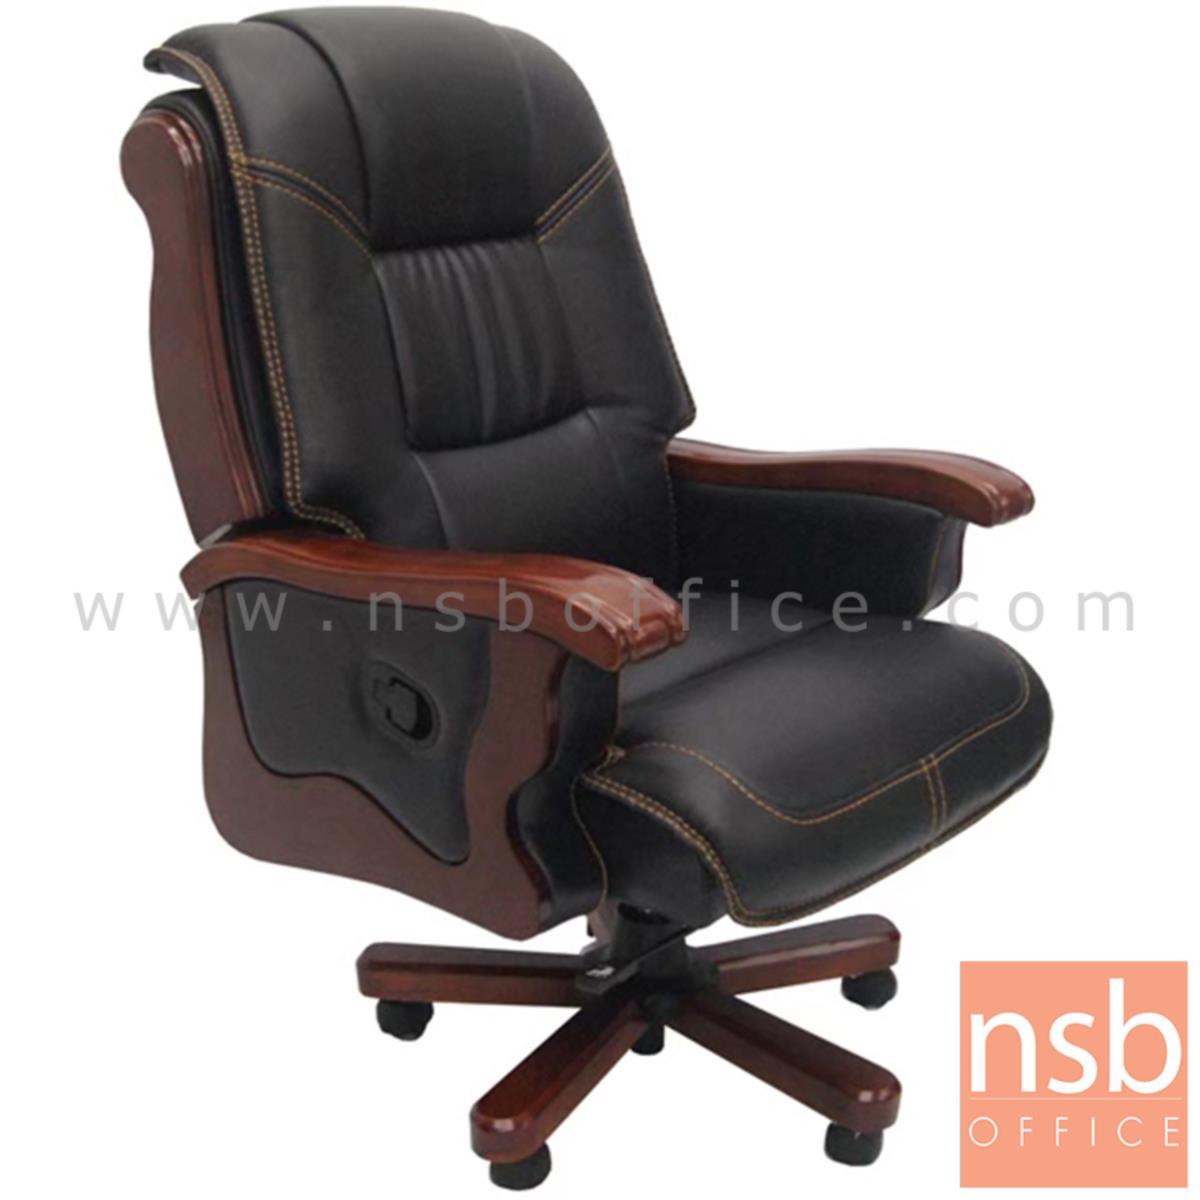 B25A116:เก้าอี้ผู้บริหารหนังเทียม รุ่น AA-37  โช๊คแก๊ส มีก้อนโยก ขาไม้